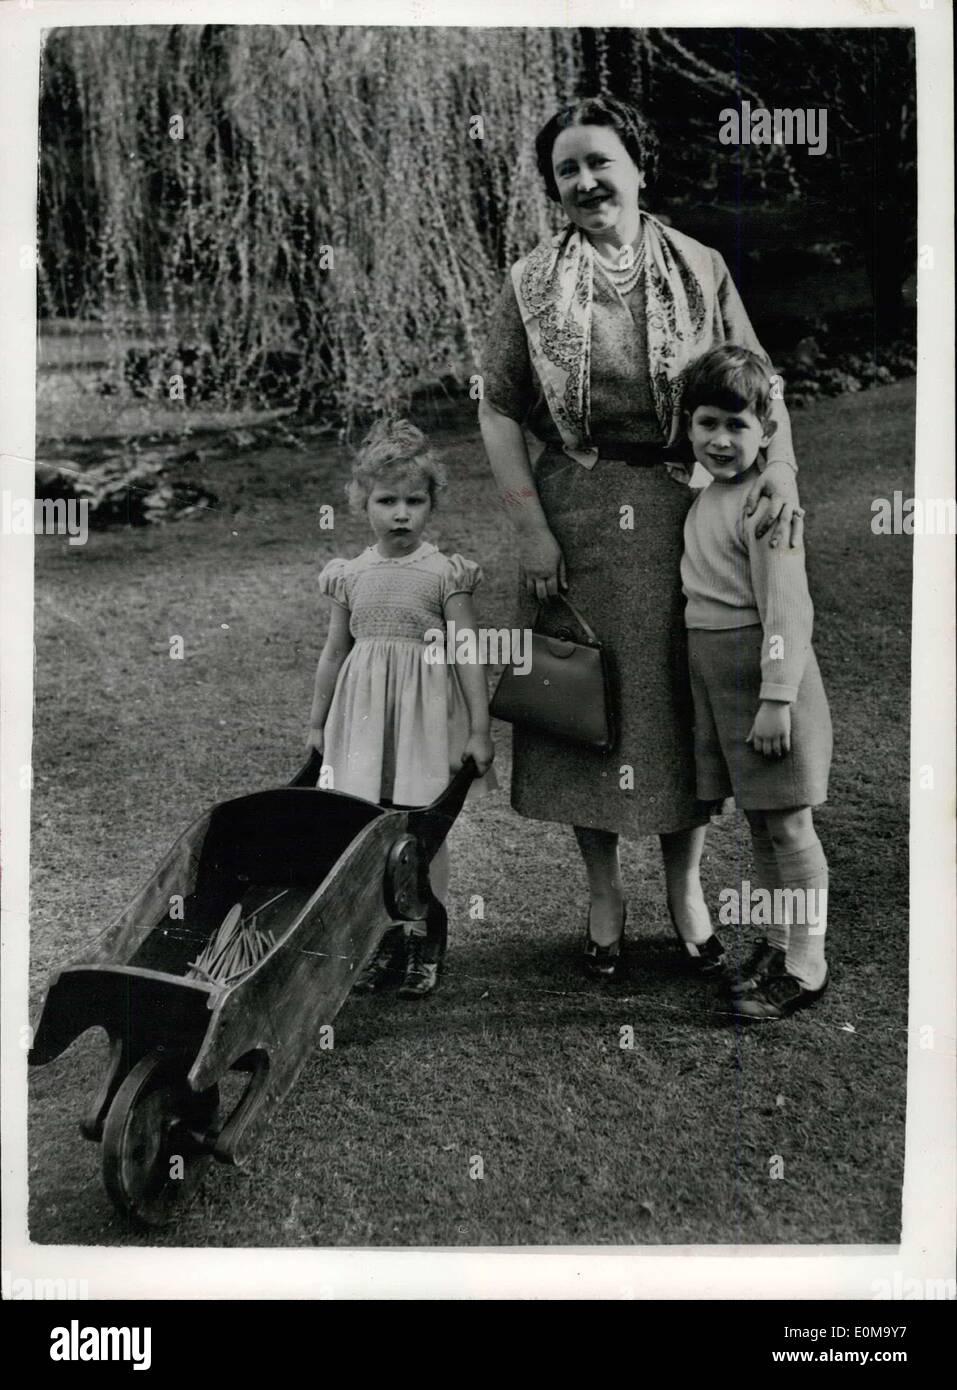 Apr. 25, 1954 - Nuovo studio della regina madre e nipoti nei giardini del Royal Lodge - Windsor. La foto mostra il nuovo appositamente poste studio di H.M. La regina Elisabetta Regina Madre - con i suoi due nipoti il principe Carlo e la principessa Anne nei giardini del Royal Lodge di Windsor. Immagini Stock